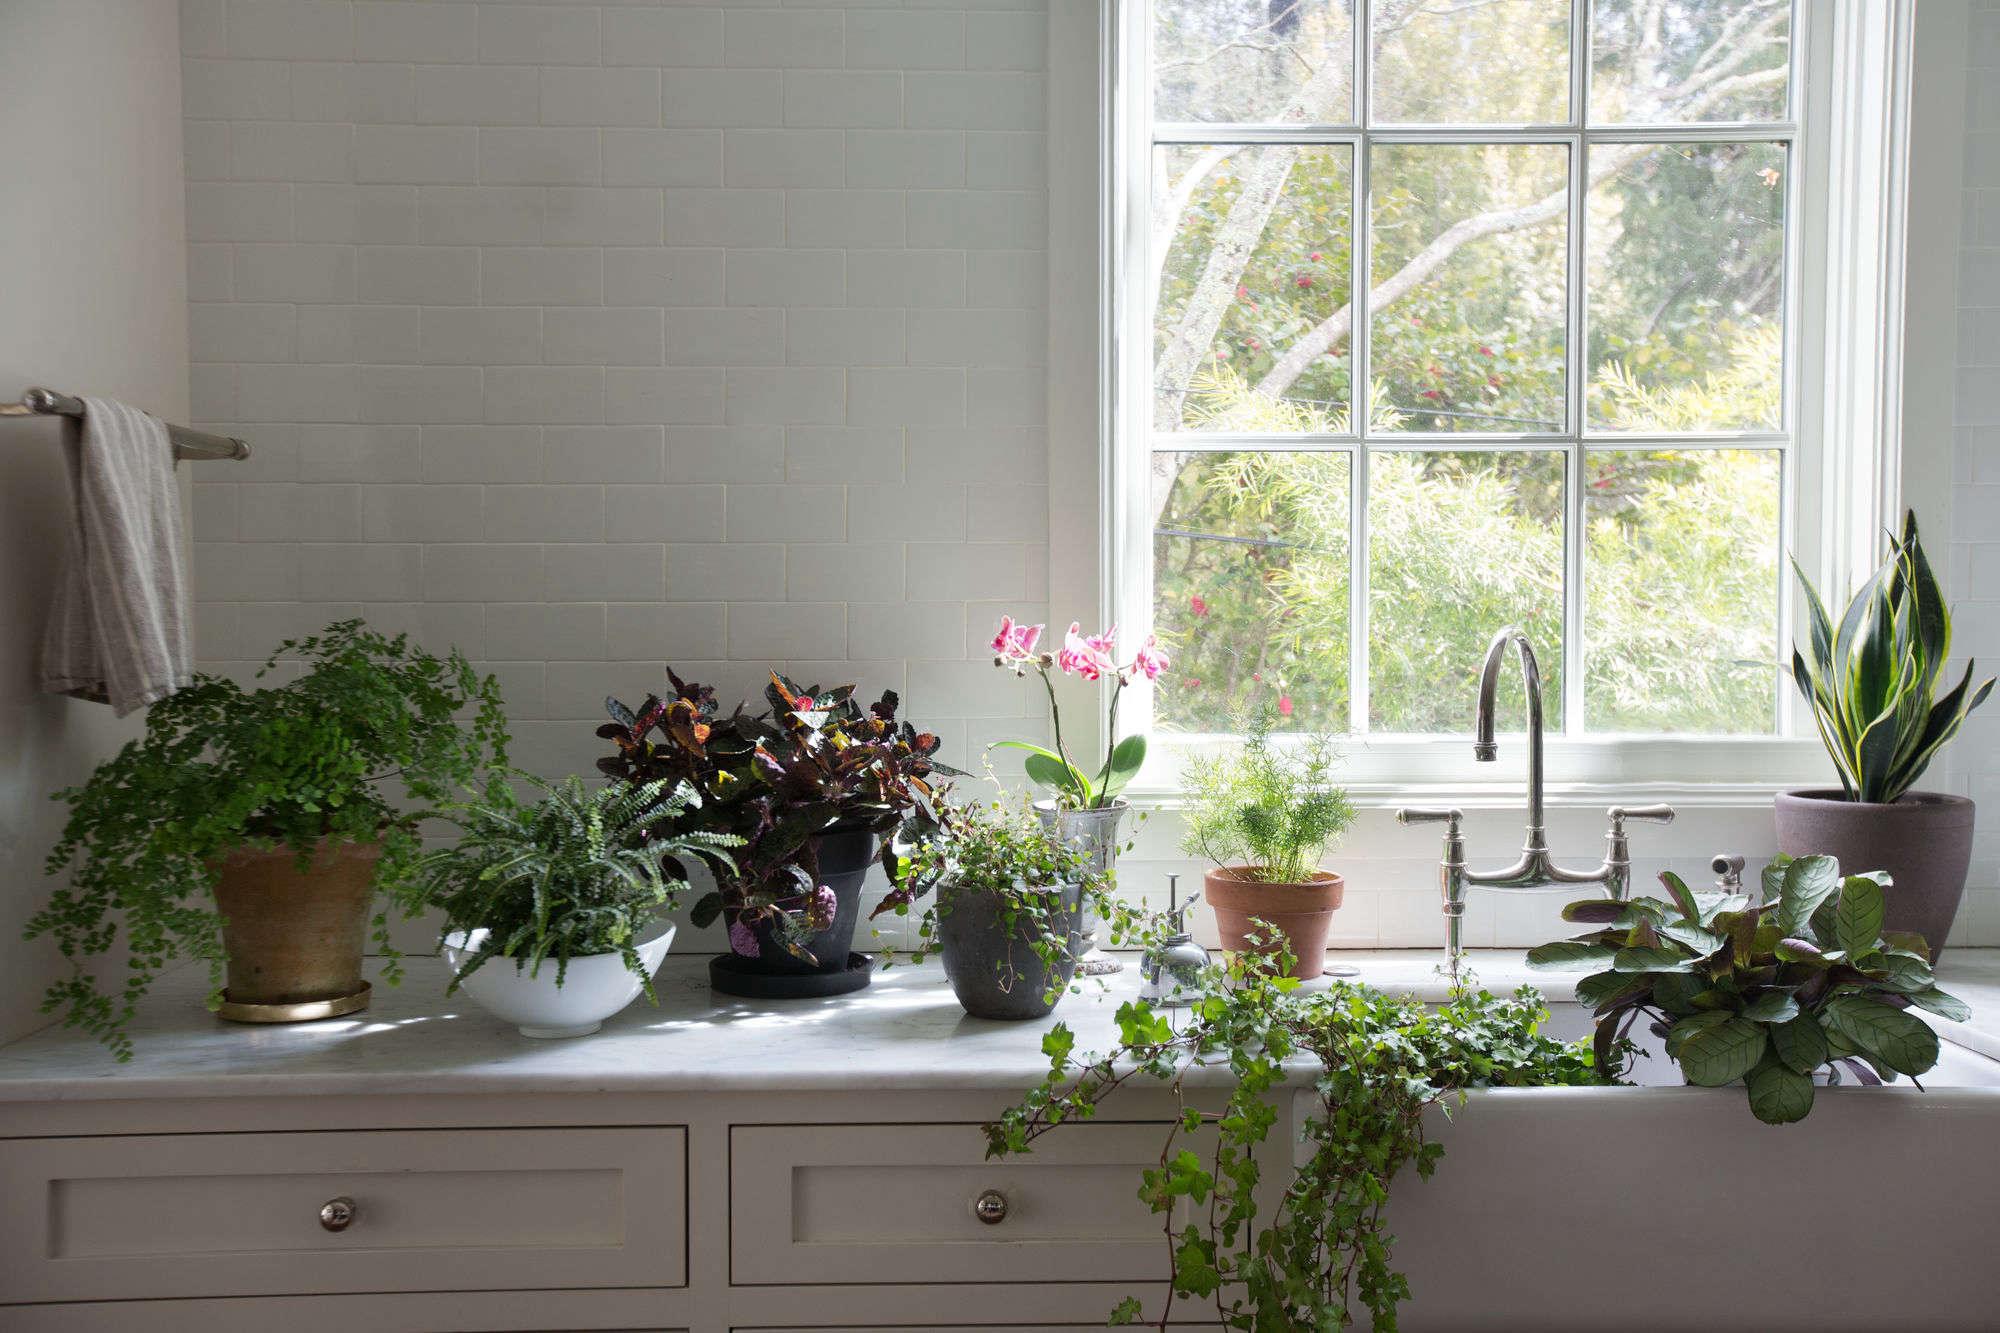 Best Kitchen Gallery: Best Houseplants 9 Indoor Plants For Low Light Gardenista of Tropical Ivy House Plants on rachelxblog.com